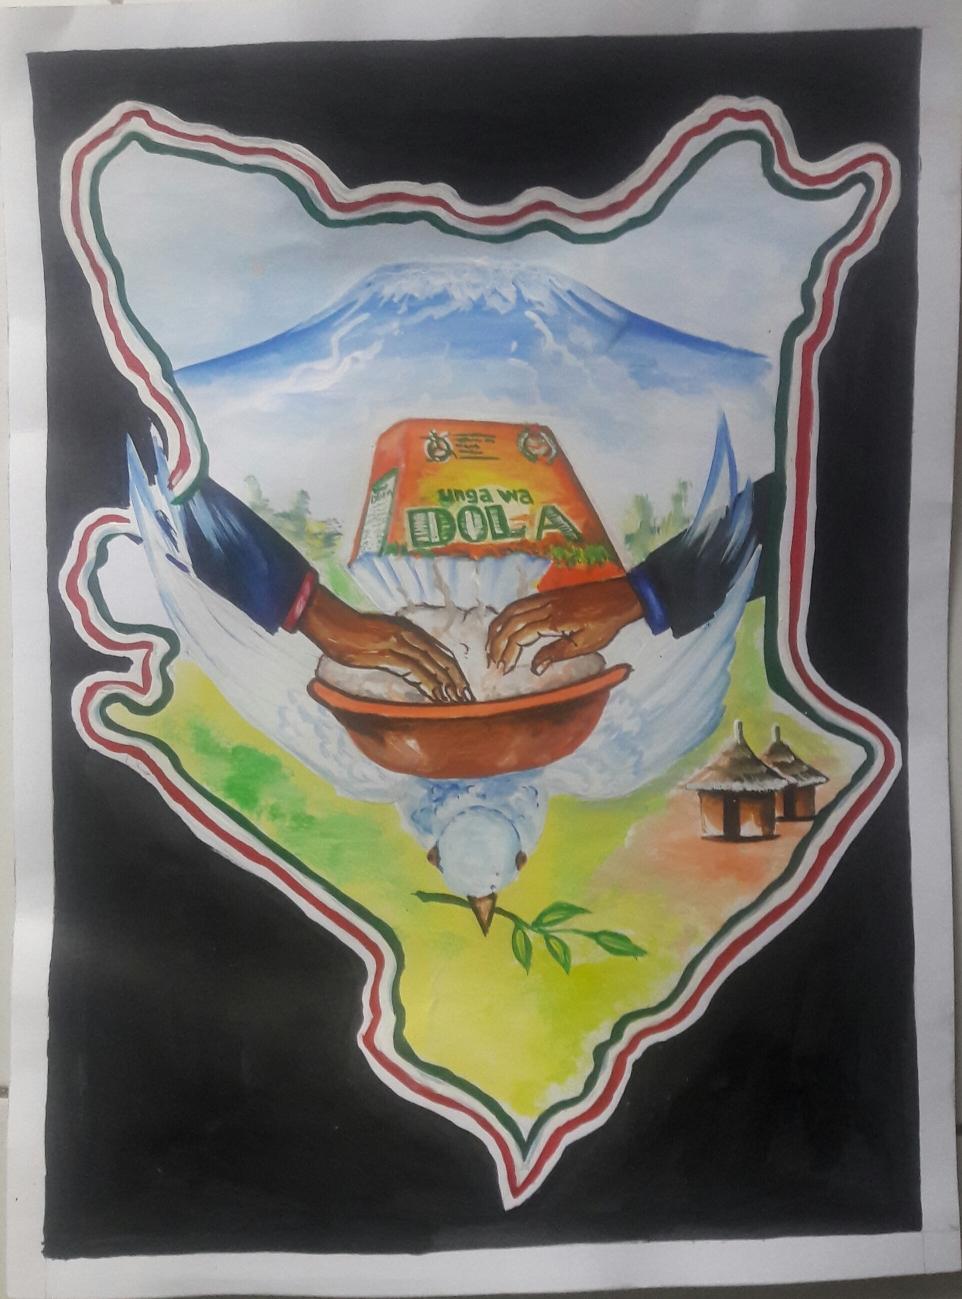 Ibrahim Imoyo Omuse